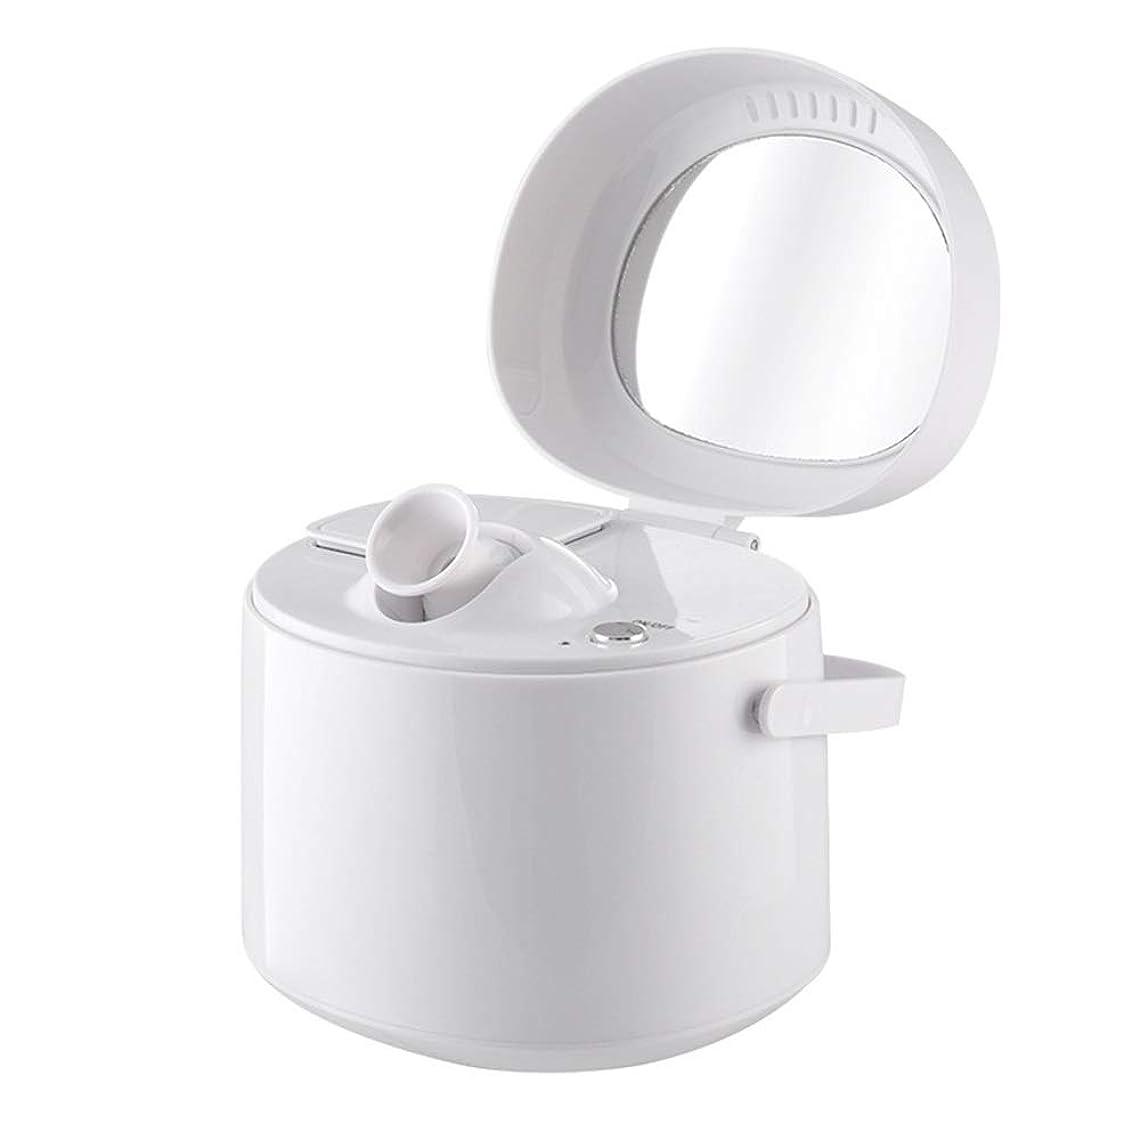 霧深い報奨金自分の力ですべてをするZXF ホットスプレースチームフェイス美容器具ホームナノイオン保湿スプレー美容器具美容ミラーホワイト 滑らかである